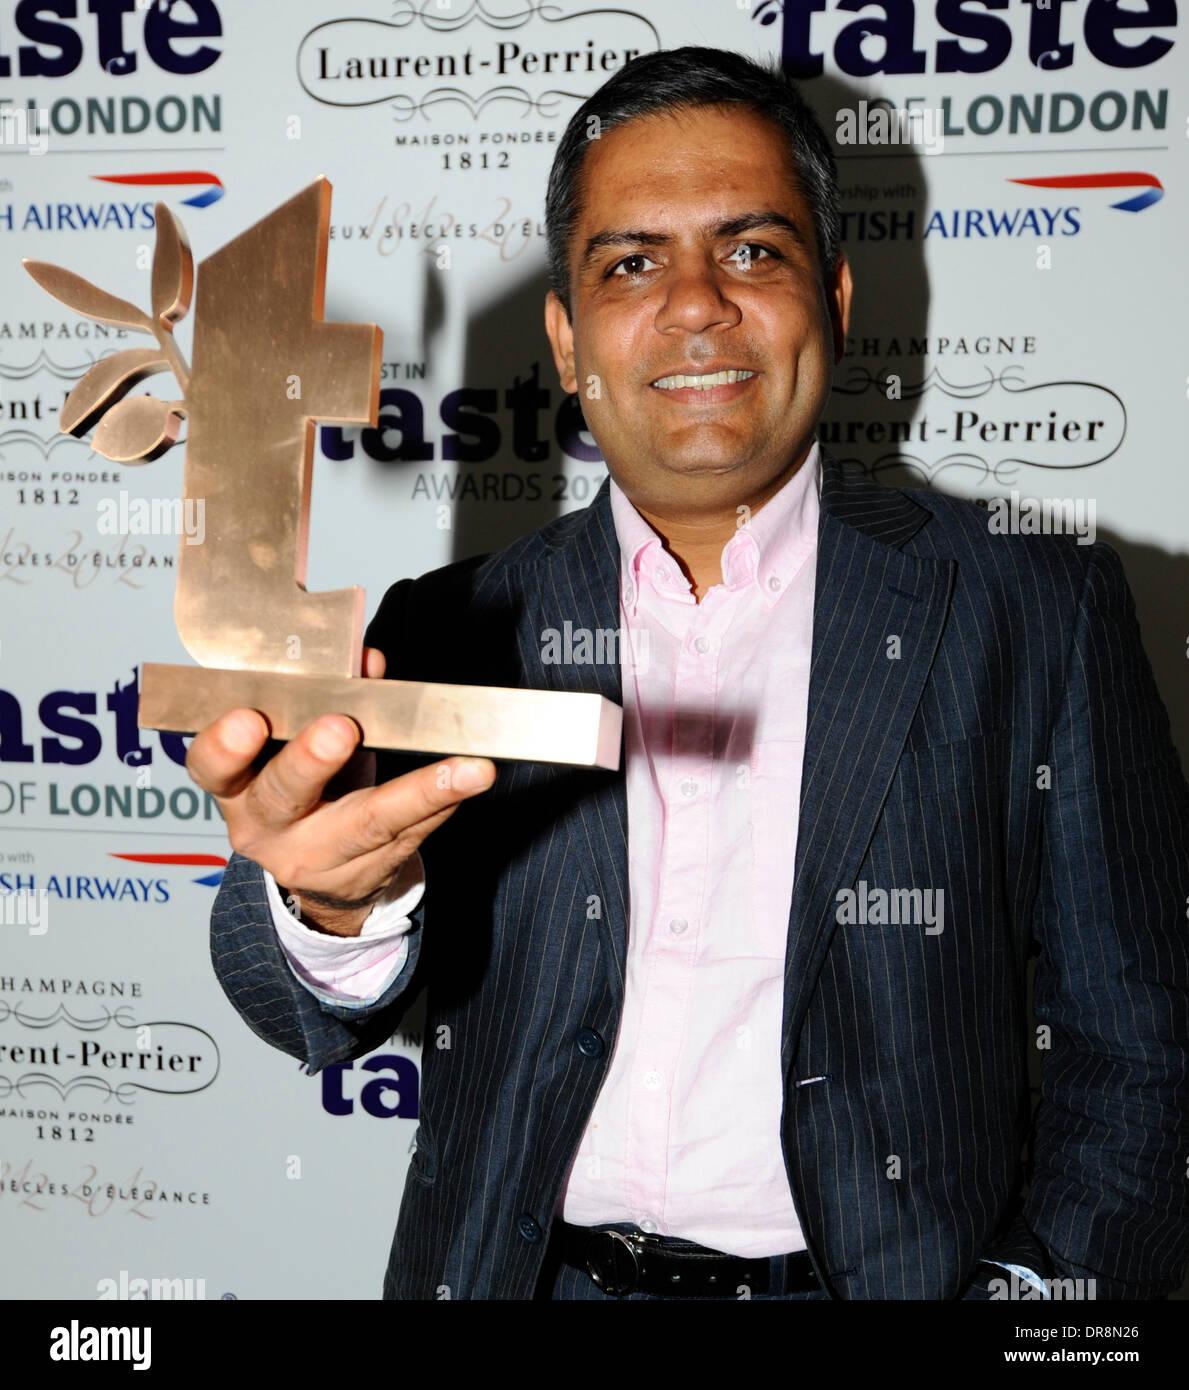 Vivek Singh 'Taste Awards'  held at Regents Park - Arrivals London, England - 20.06.12 - Stock Image